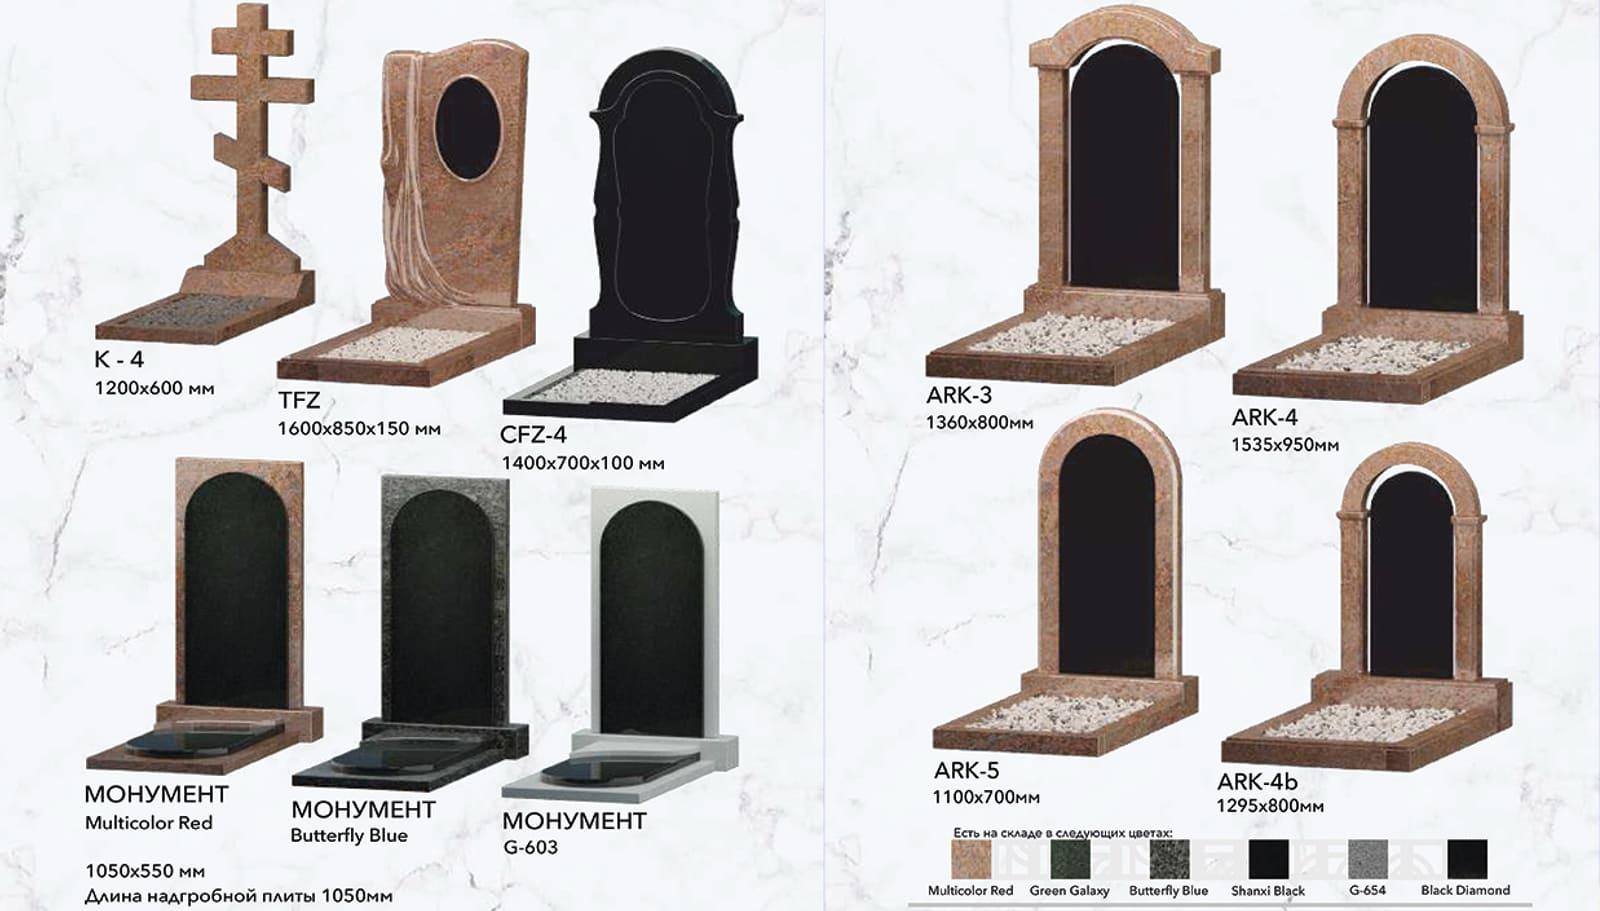 Похоронные принадлежности и продукция - Ритуальное агентство СПАС